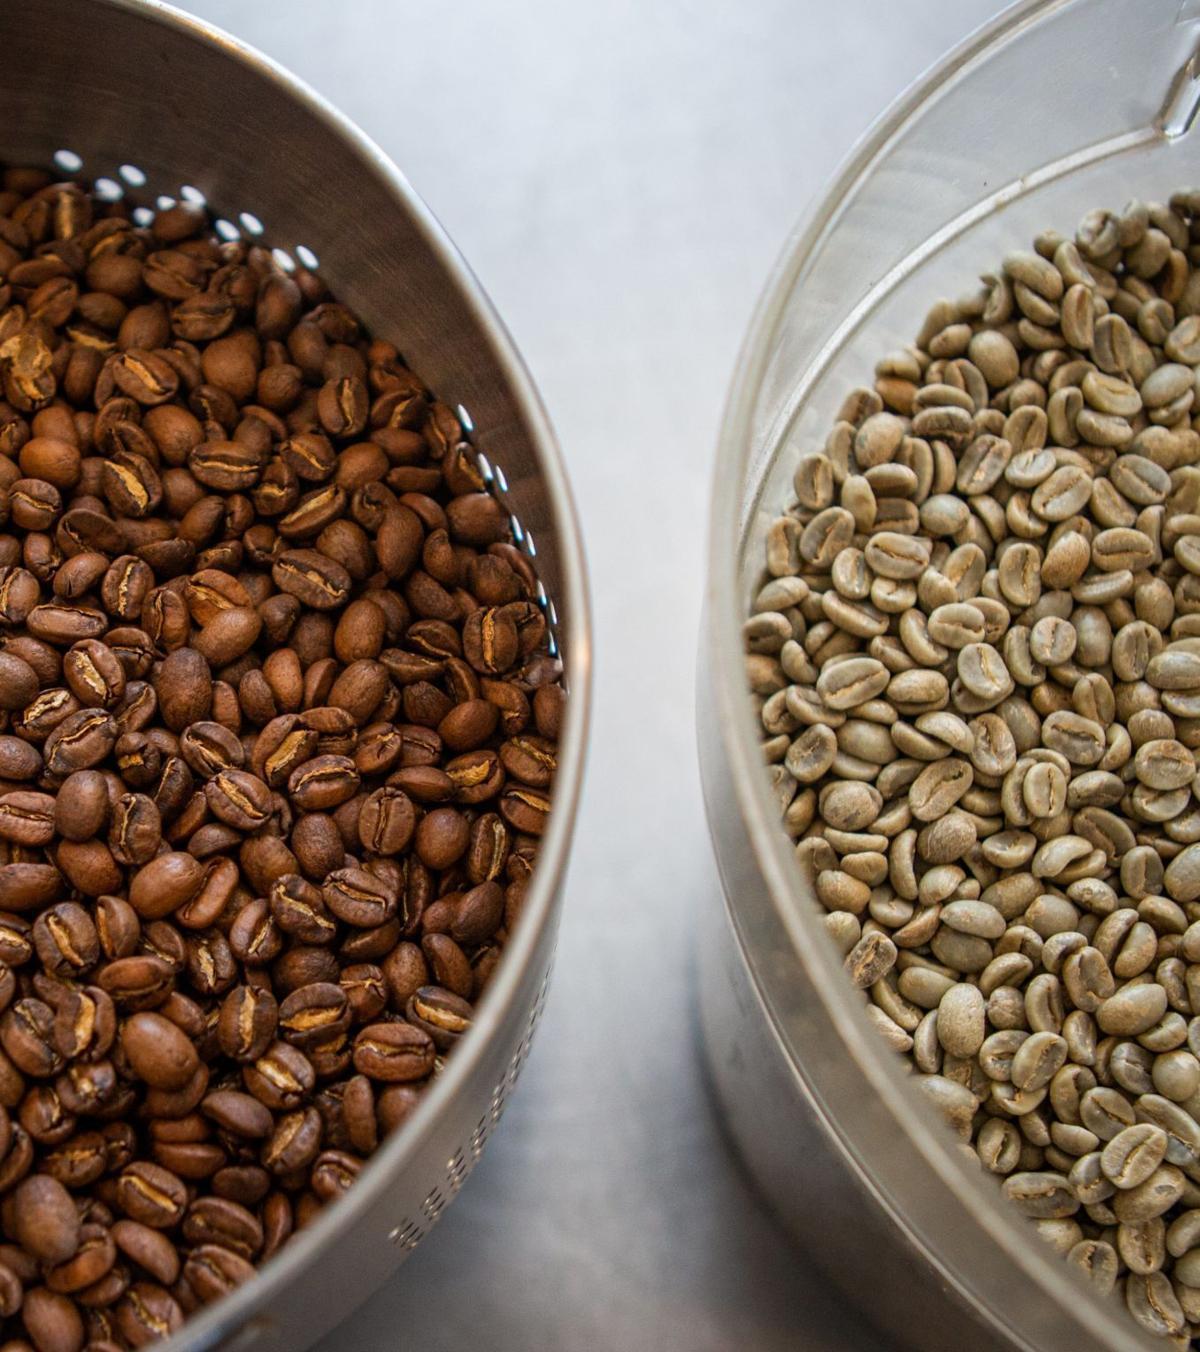 Coffeestamp brings tastes of Honduras to Fox Park neighborhood